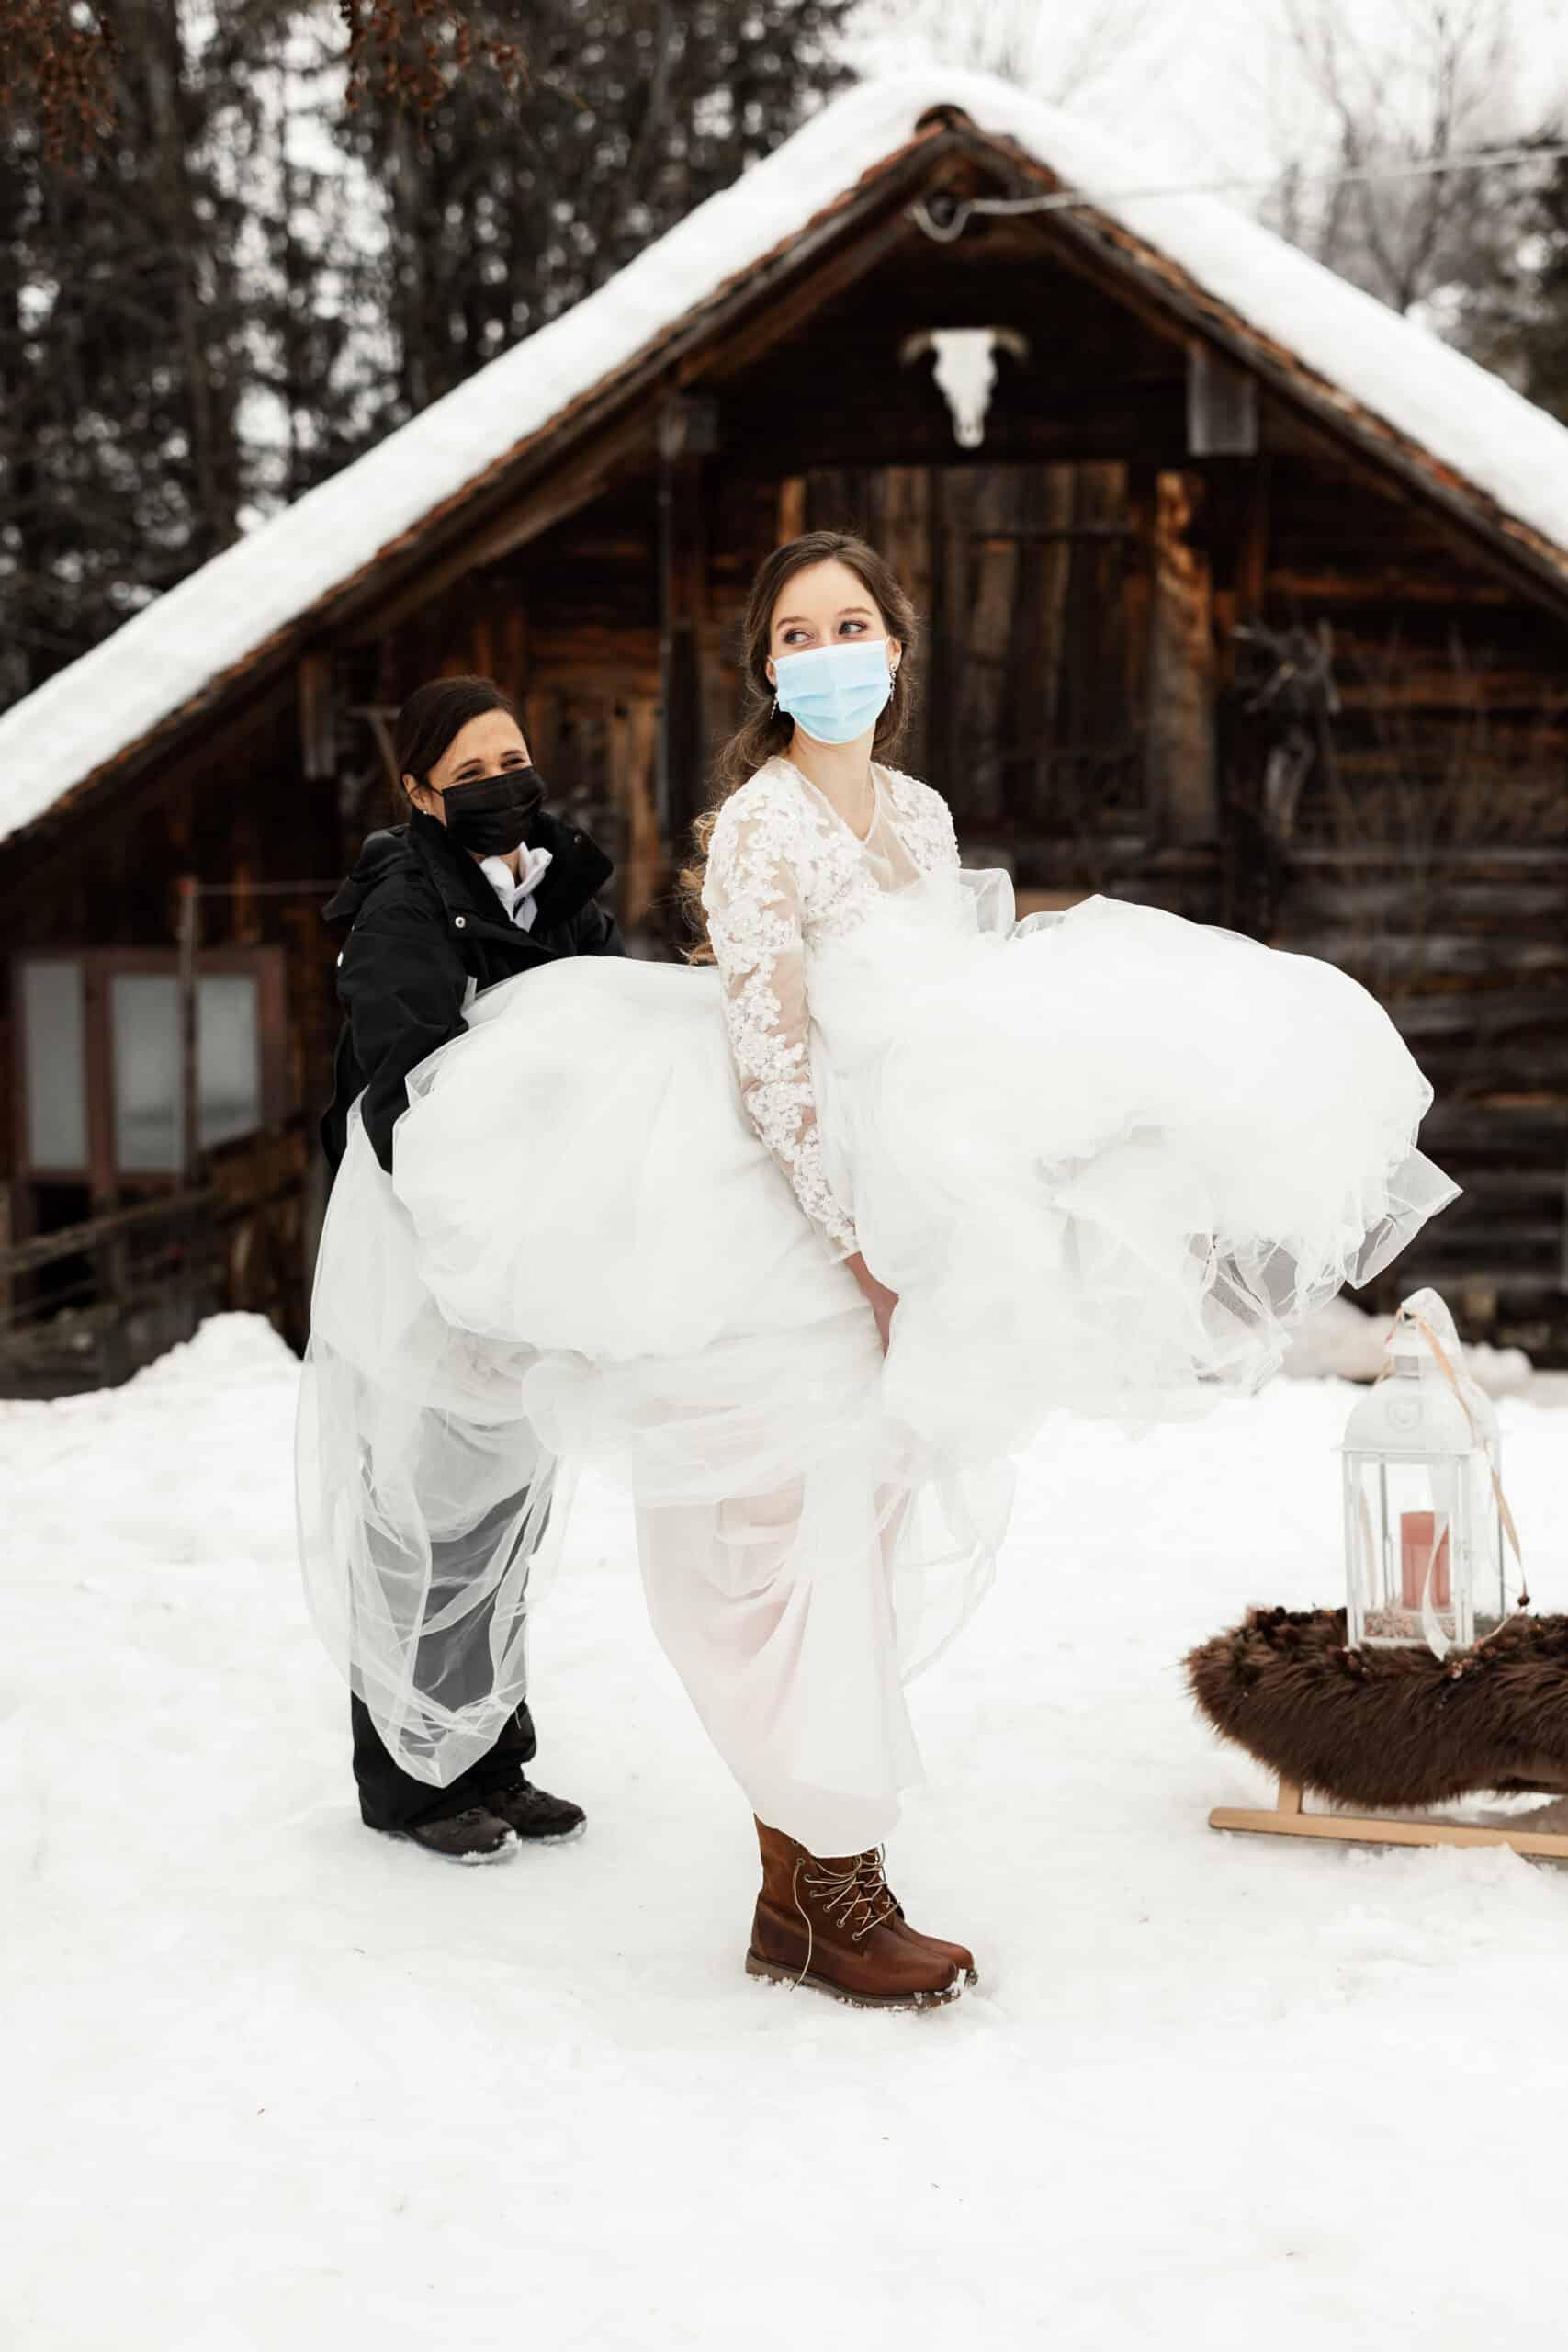 Corona Hochzeit in der Schweiz, die Braut im Hochzeitskleid mit Maske